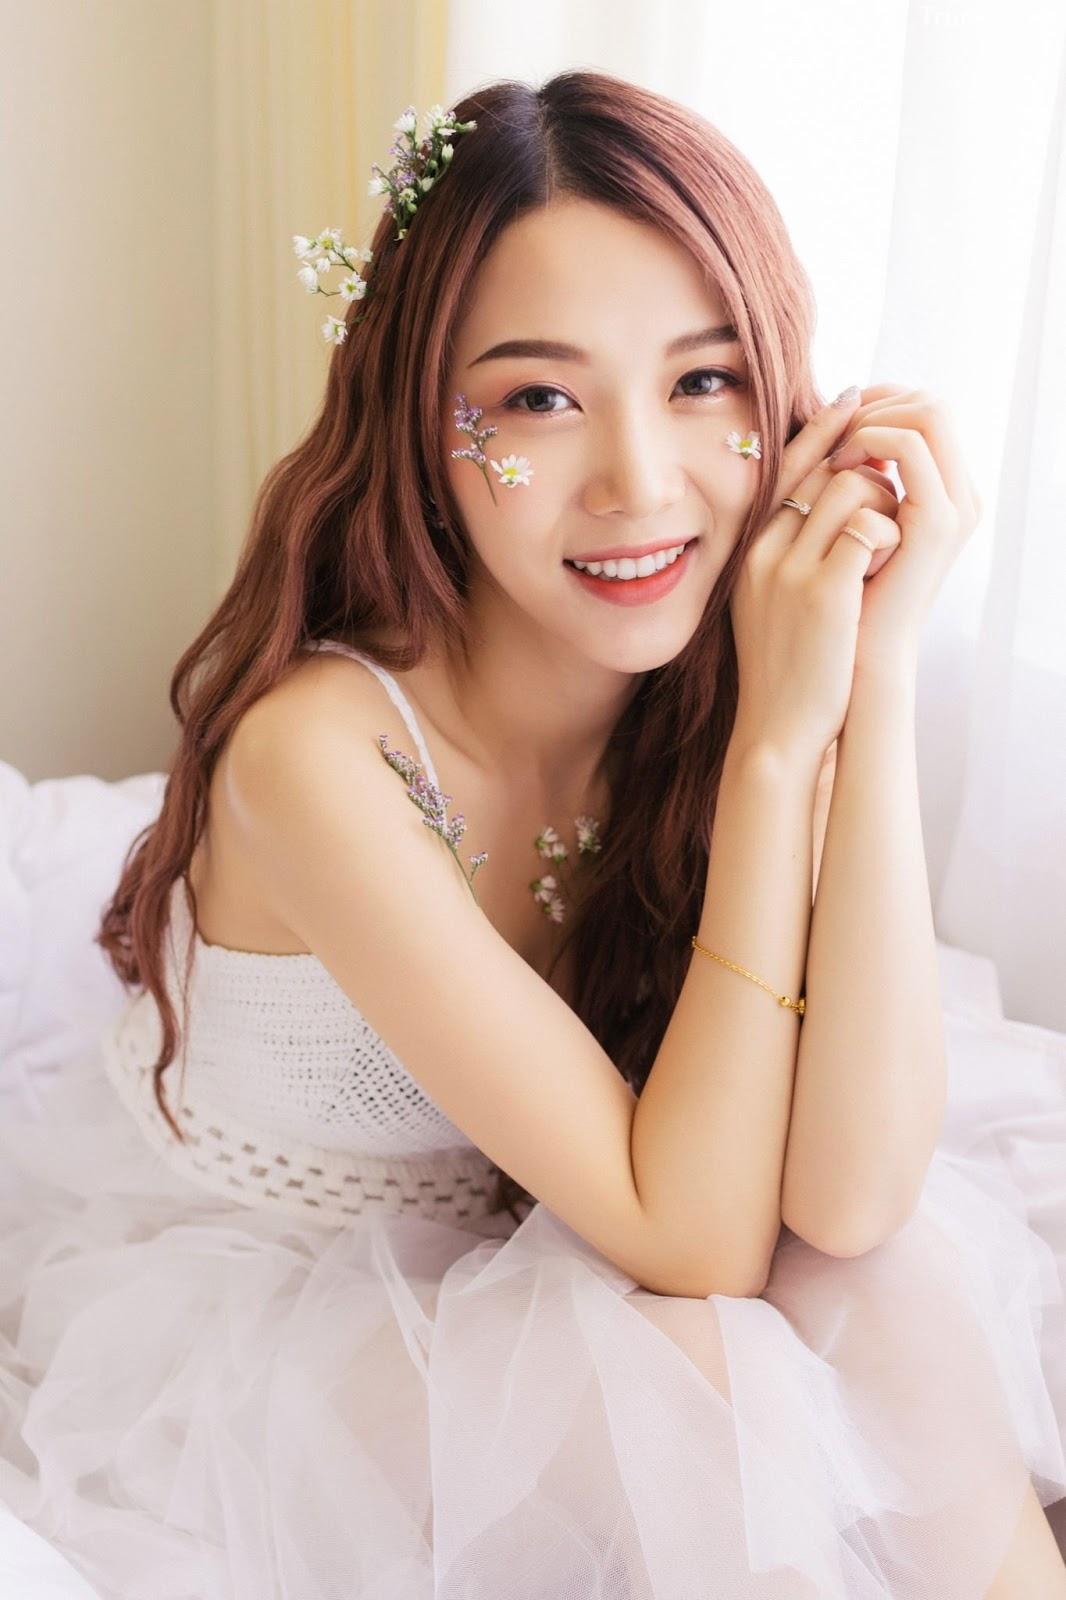 Thailand beautiful model Popor Saechur with photo album Little Princess - Picture 1